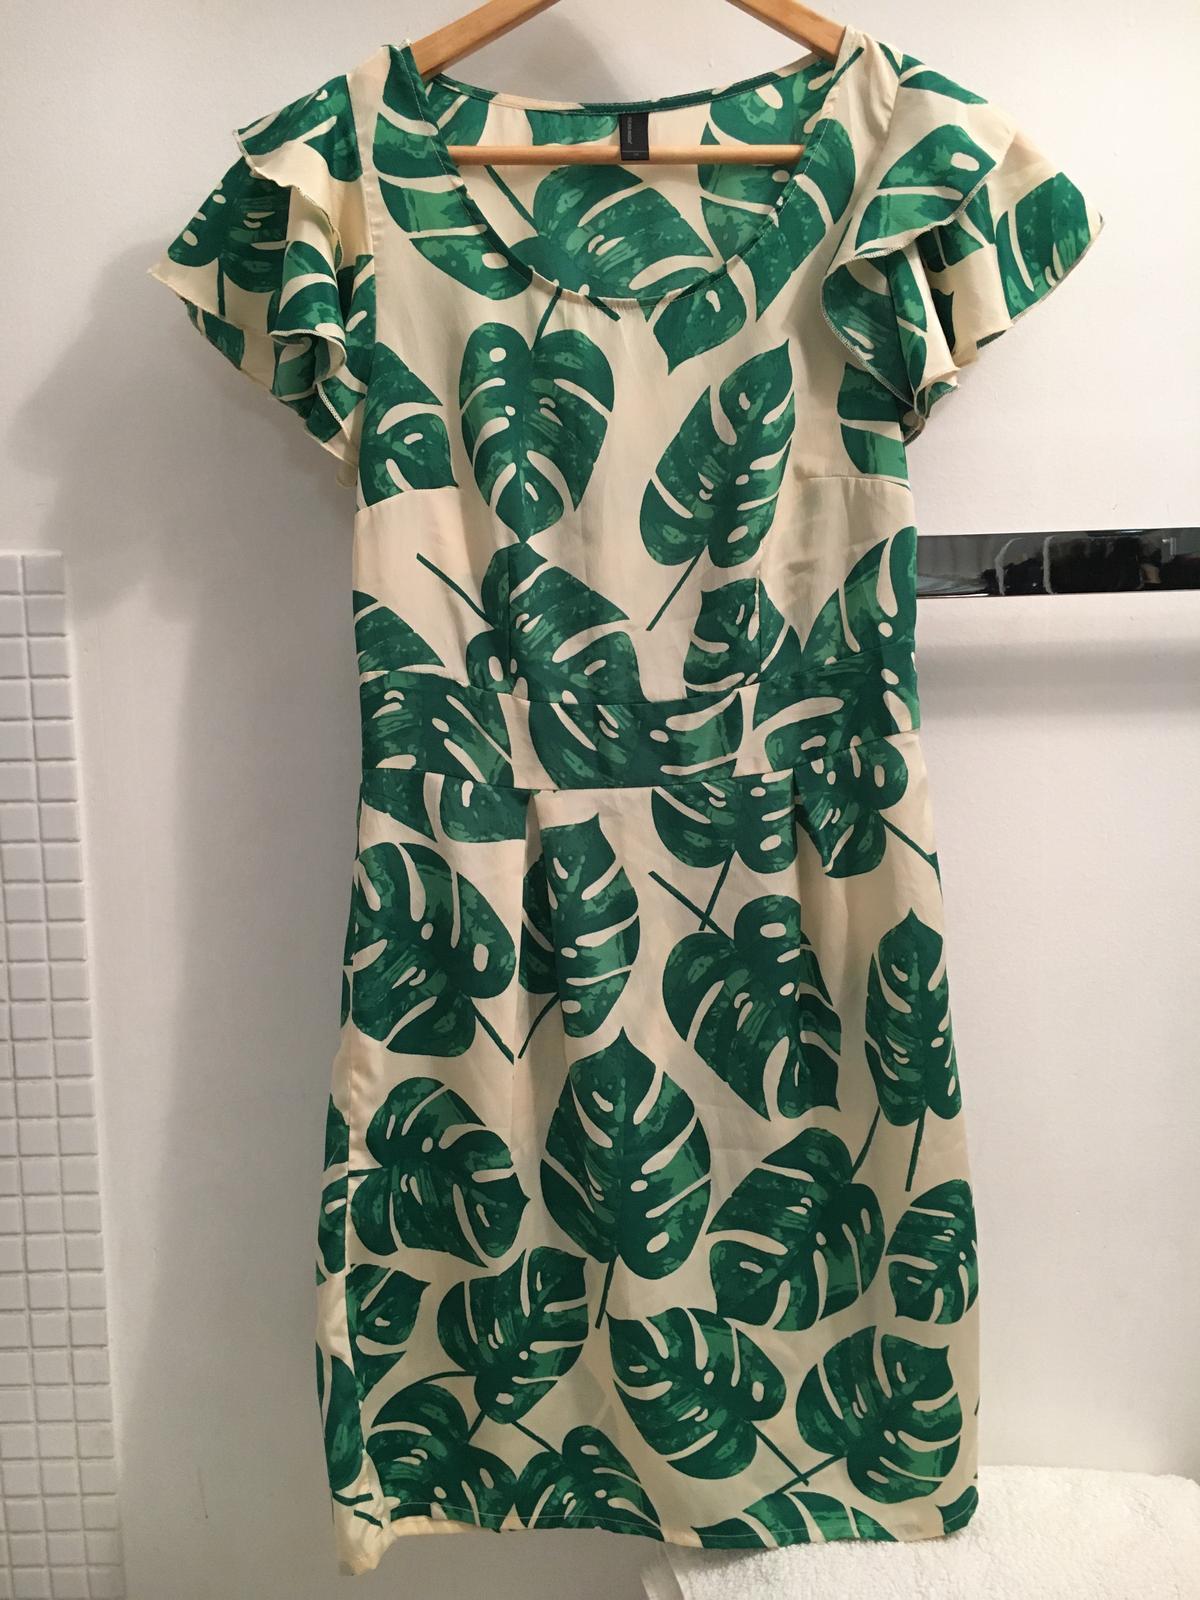 a3db2af8a699 Moderné zelené letné šaty